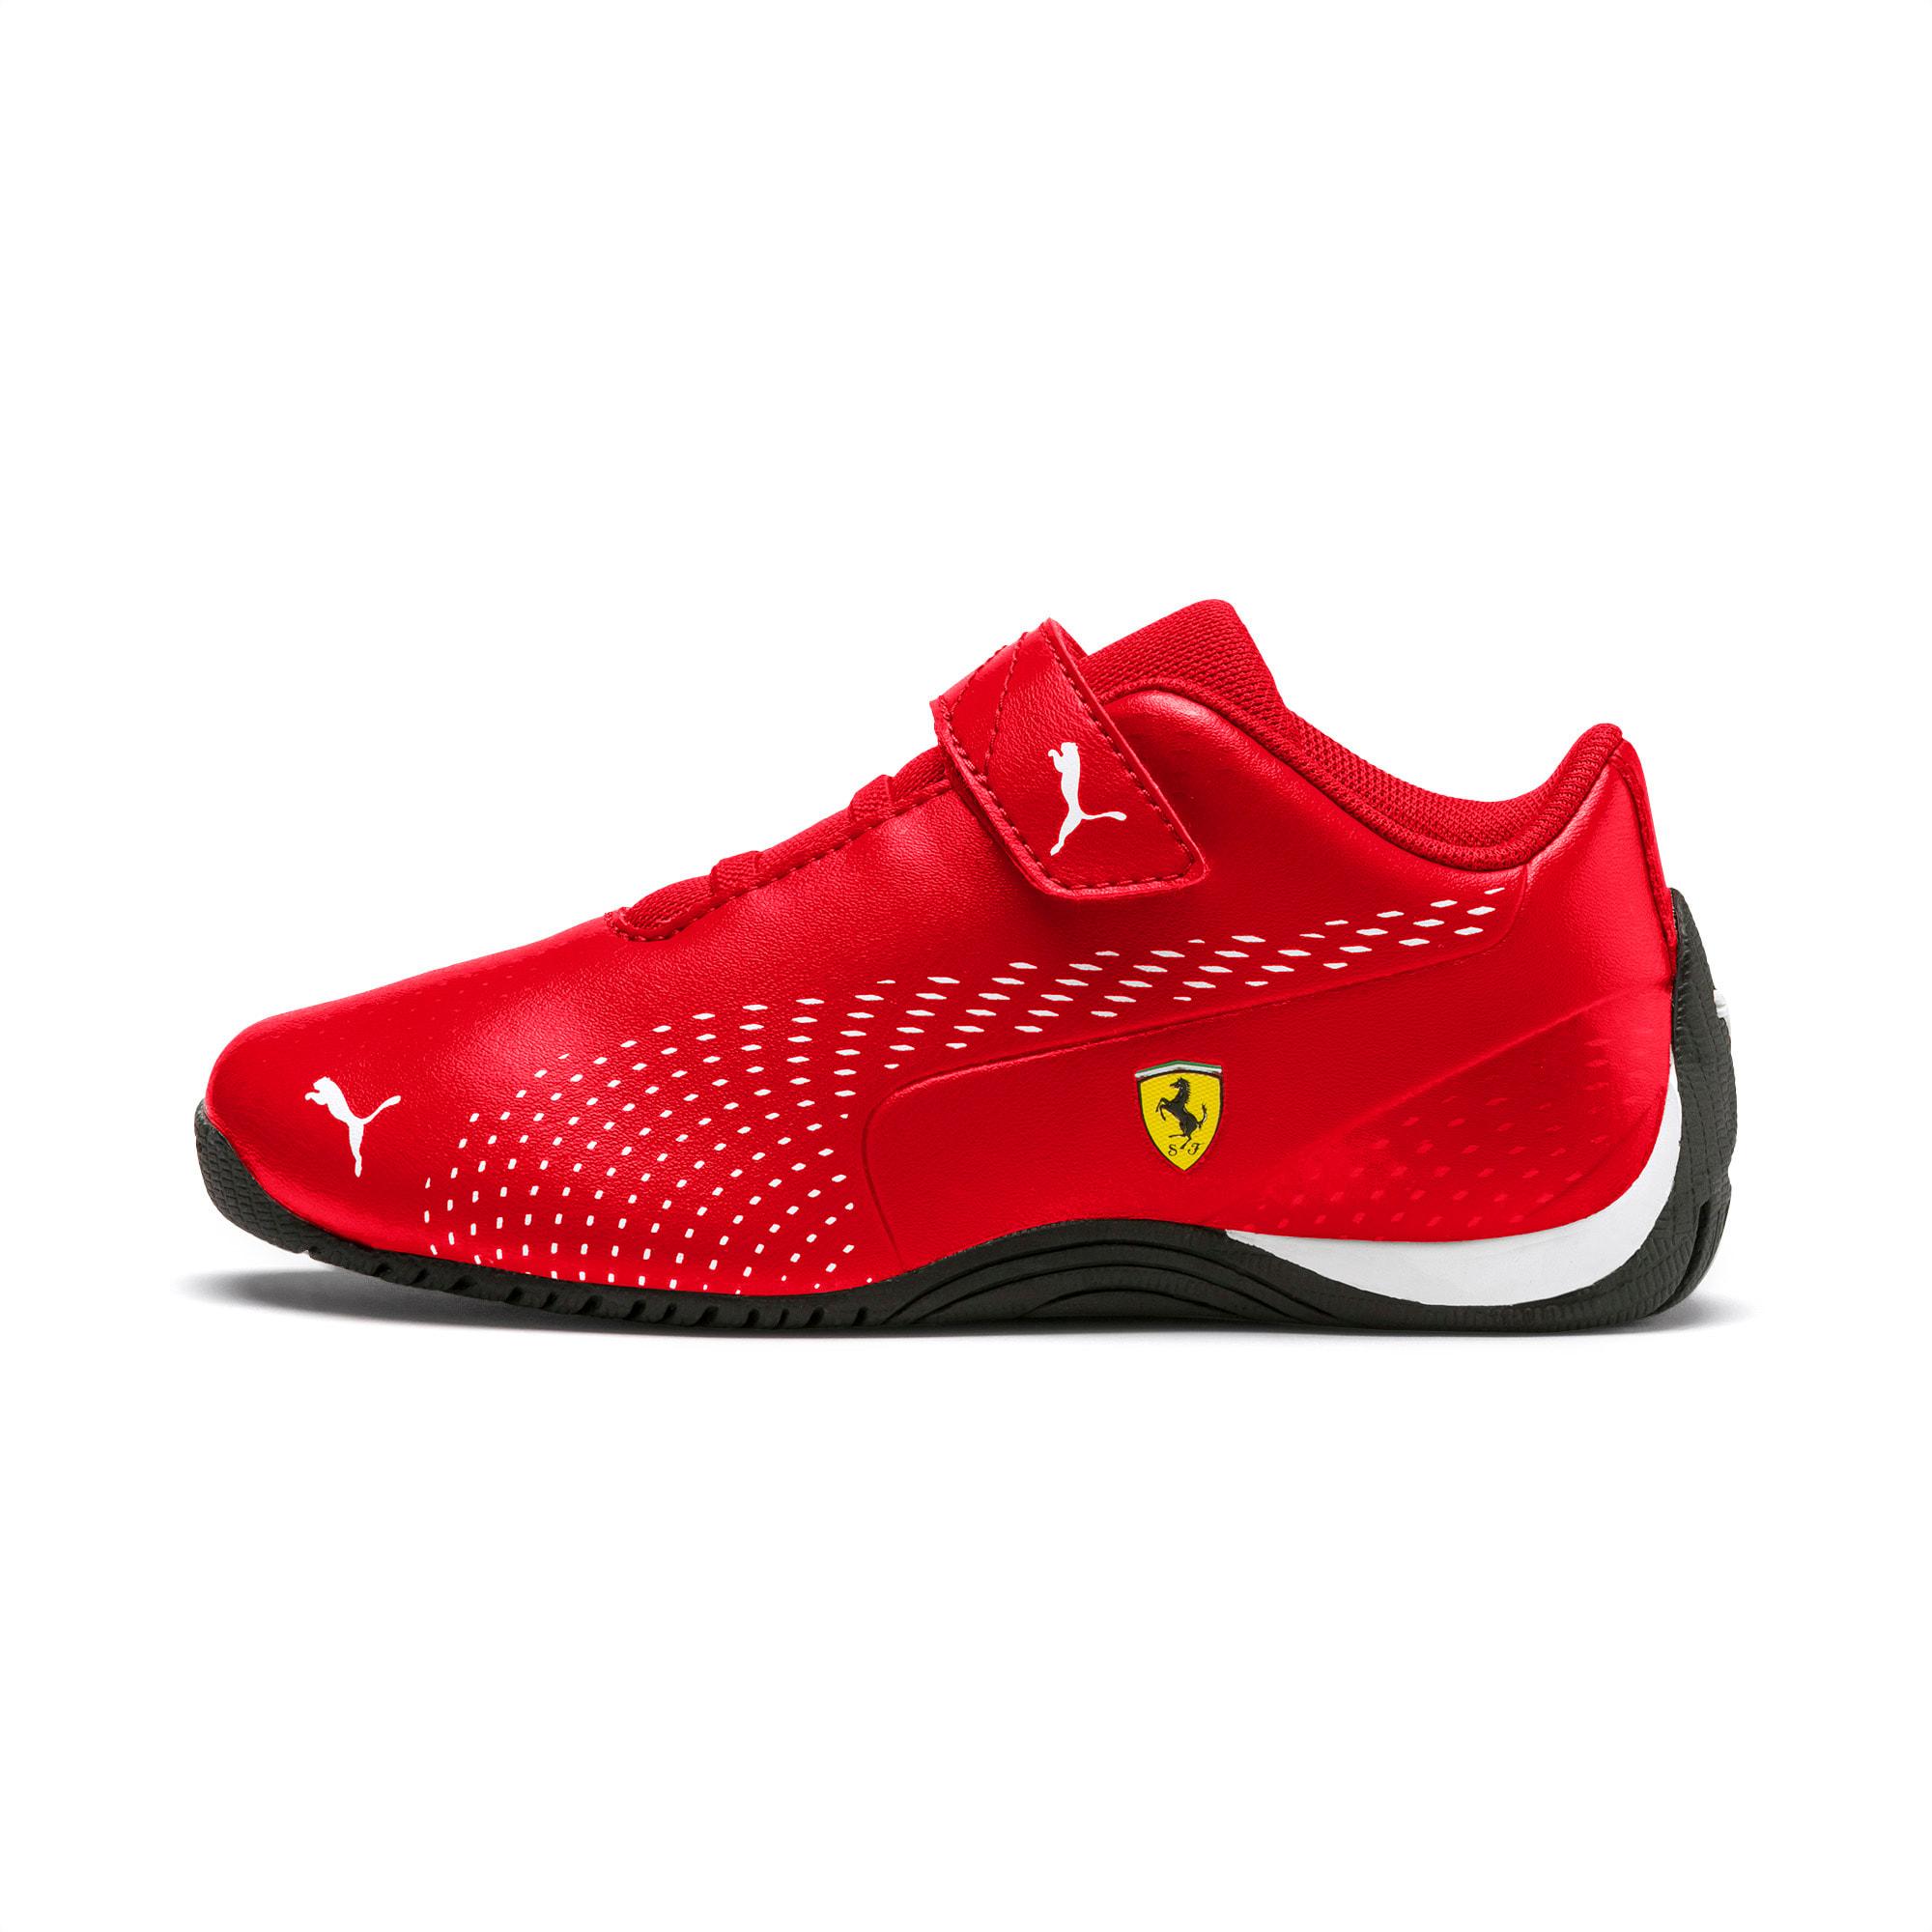 Scuderia Ferrari Drift Cat 5 Ultra Ii Little Kids Shoes Puma Us